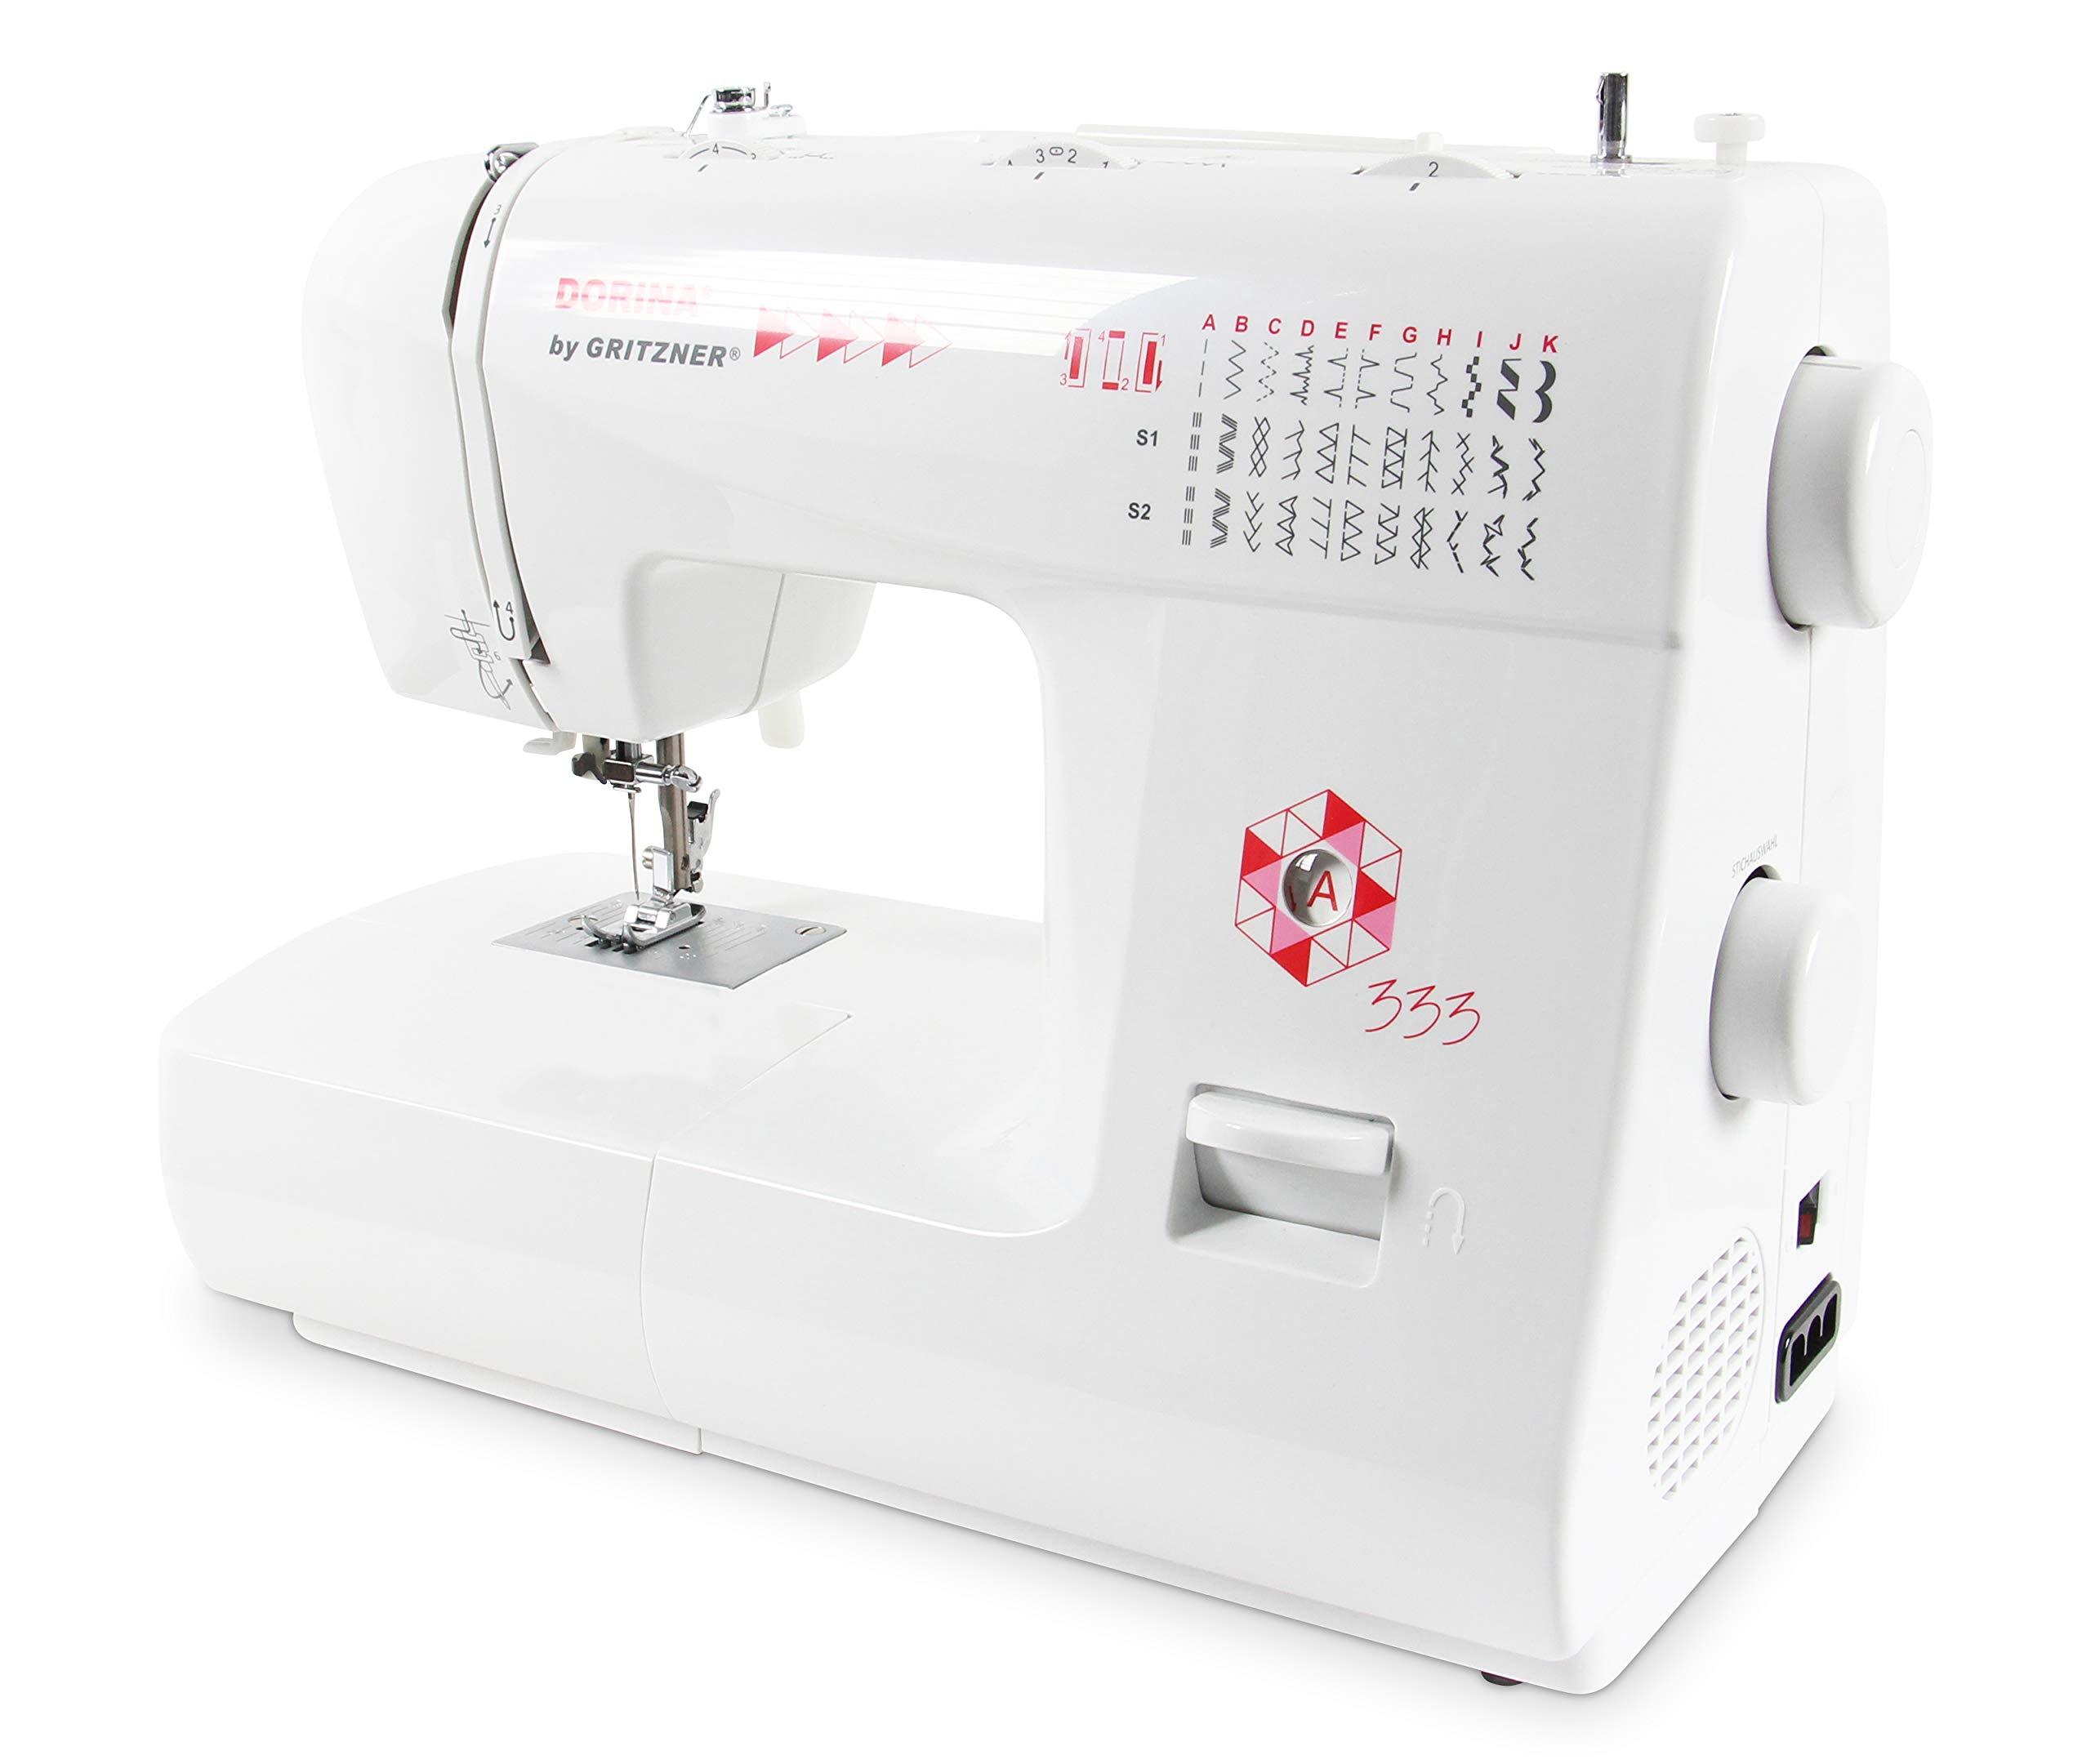 Gritzner Dorina 333 brazo libre - Máquina de coser con 33 puntadas ...